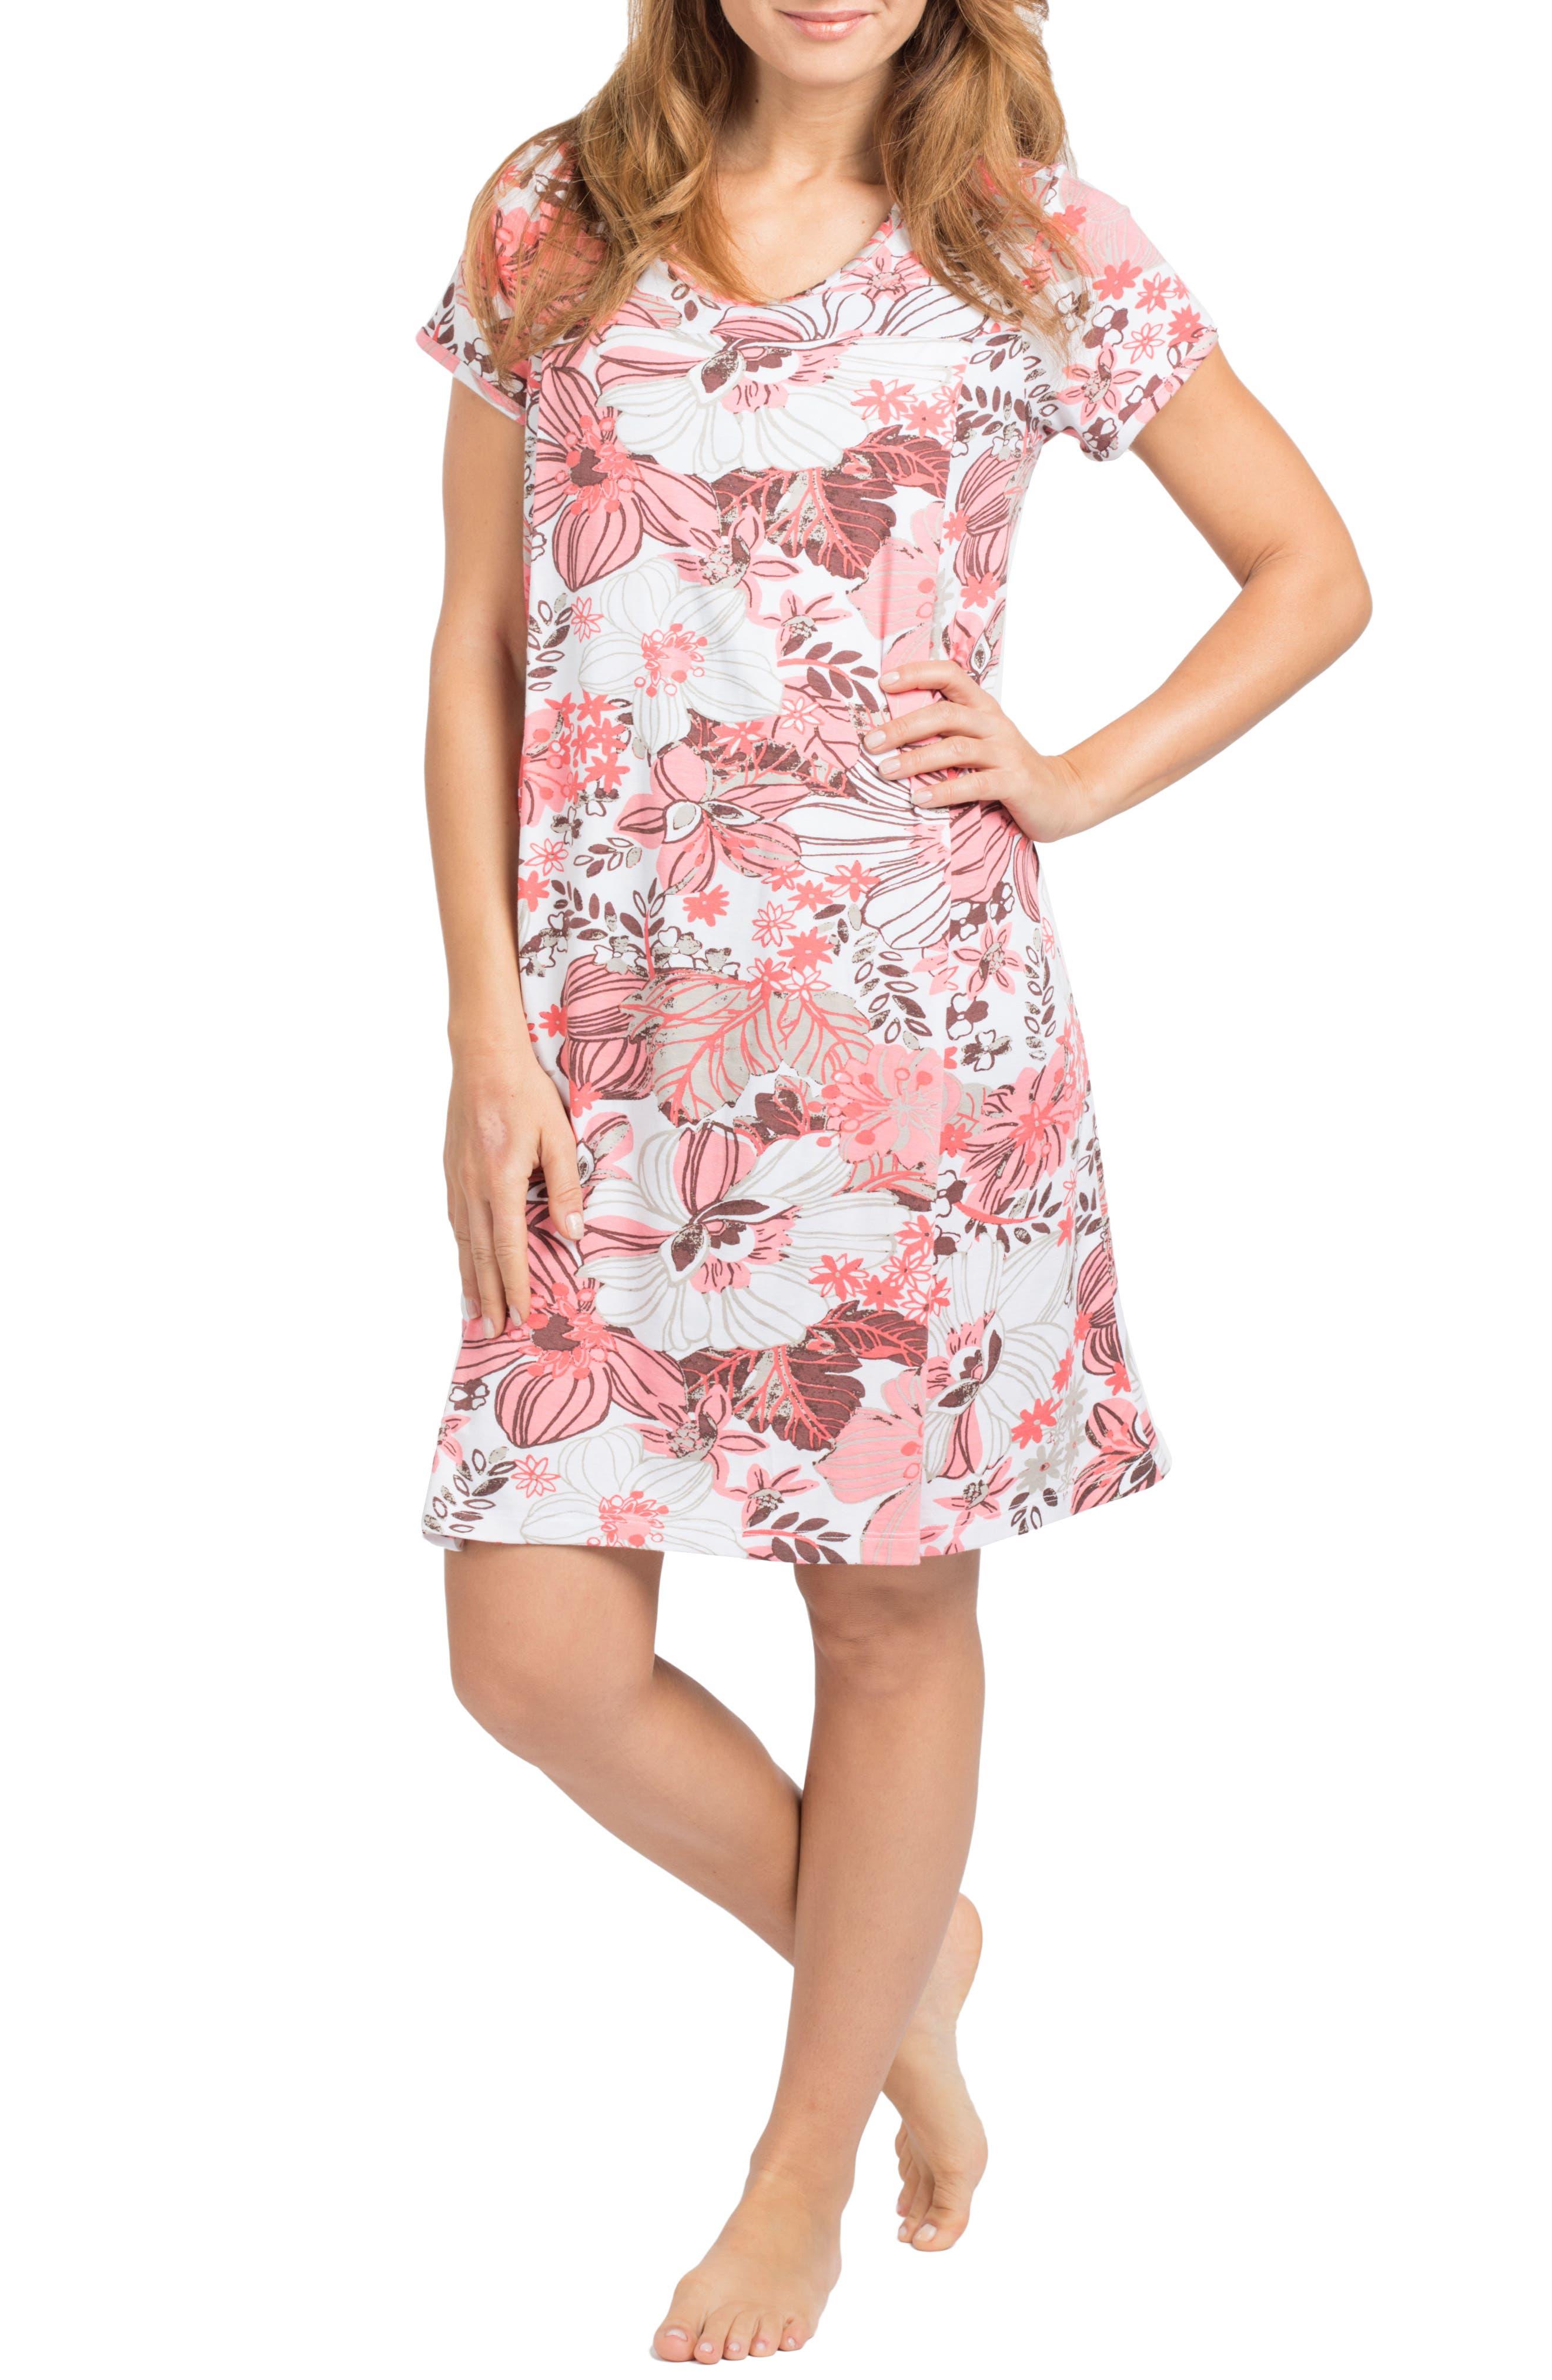 Savi Mom Boston Maternity/Nursing Nightgown